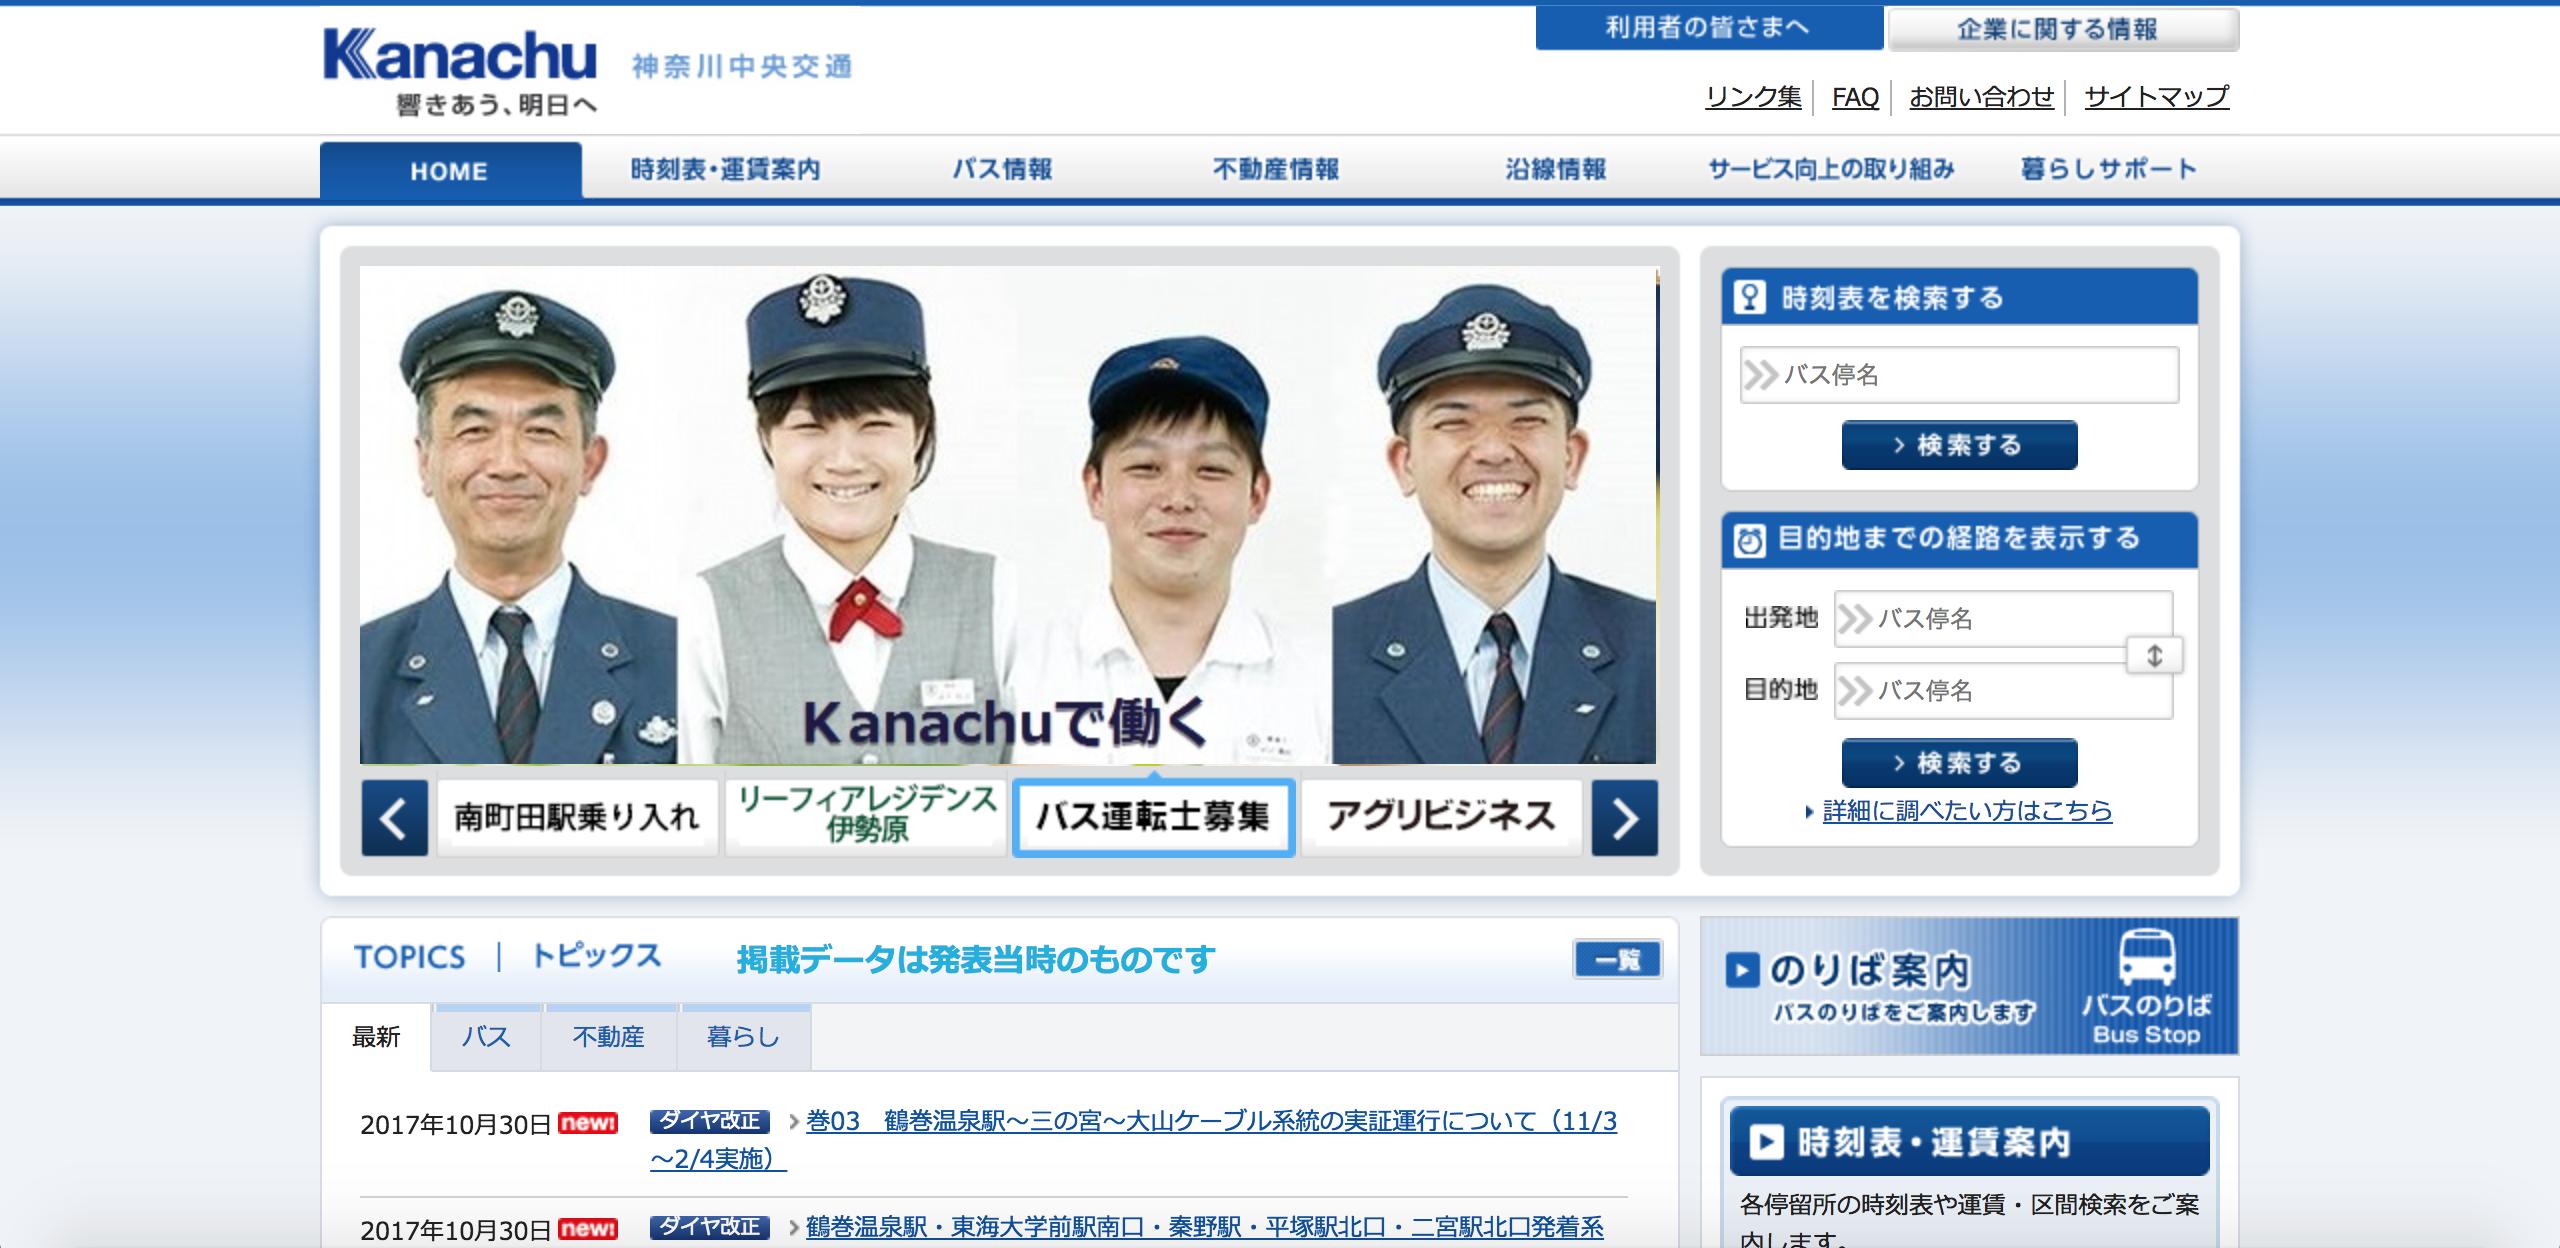 妻から見た神奈川中央交通の評判・口コミは?